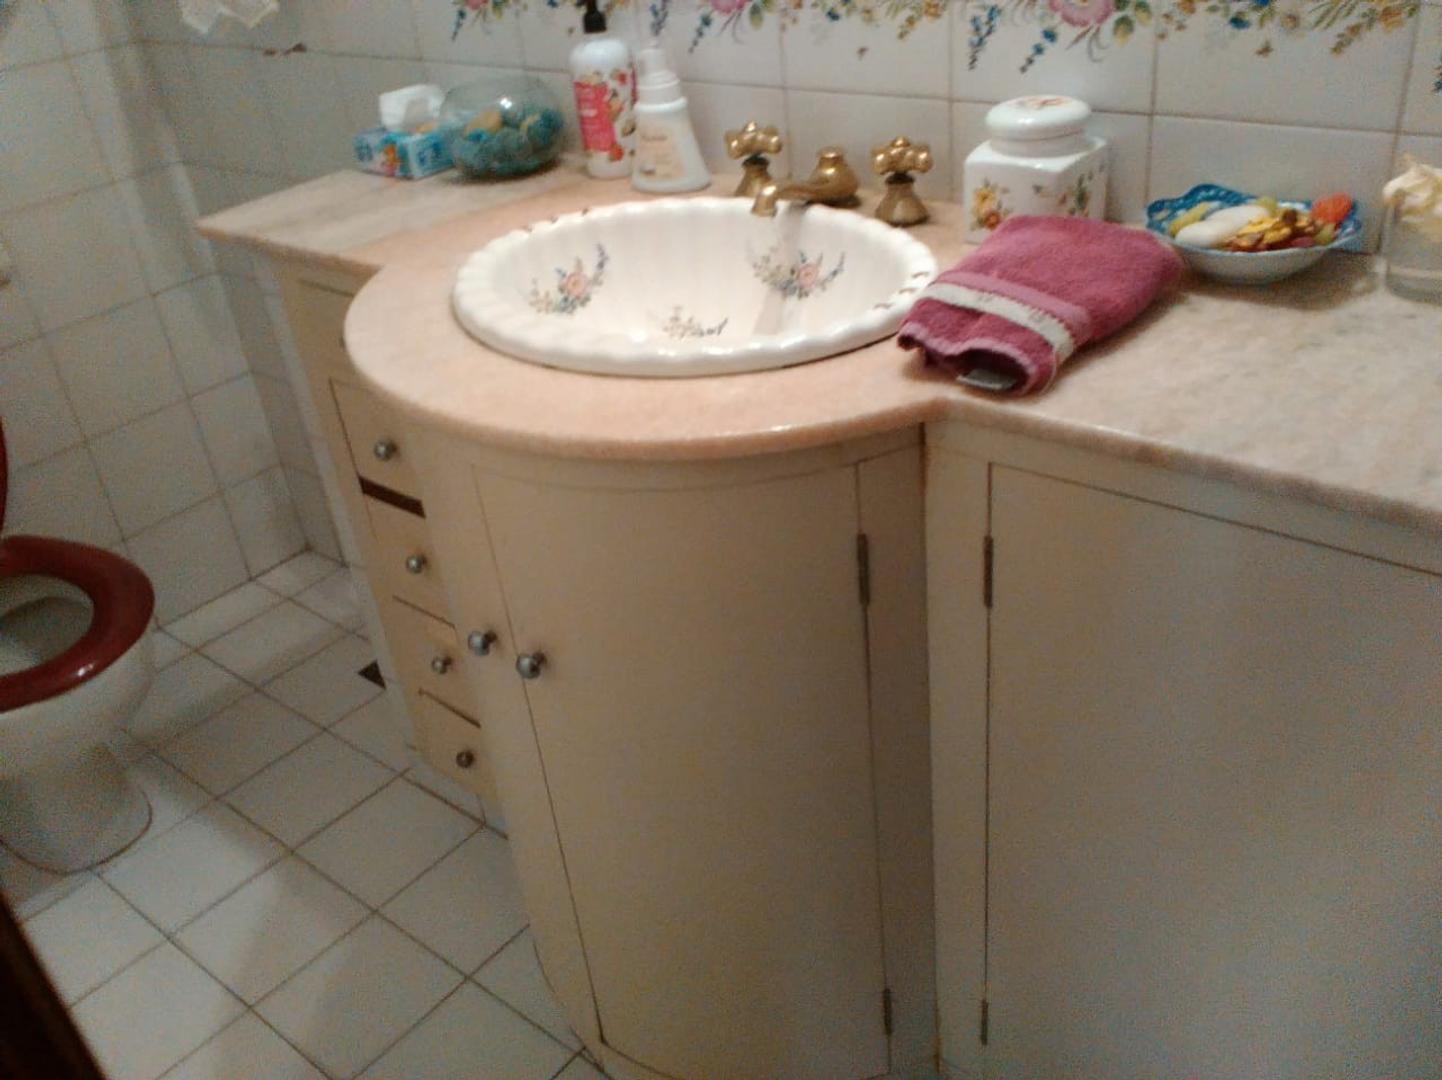 Casa - 4 dormitorios | 2 baños